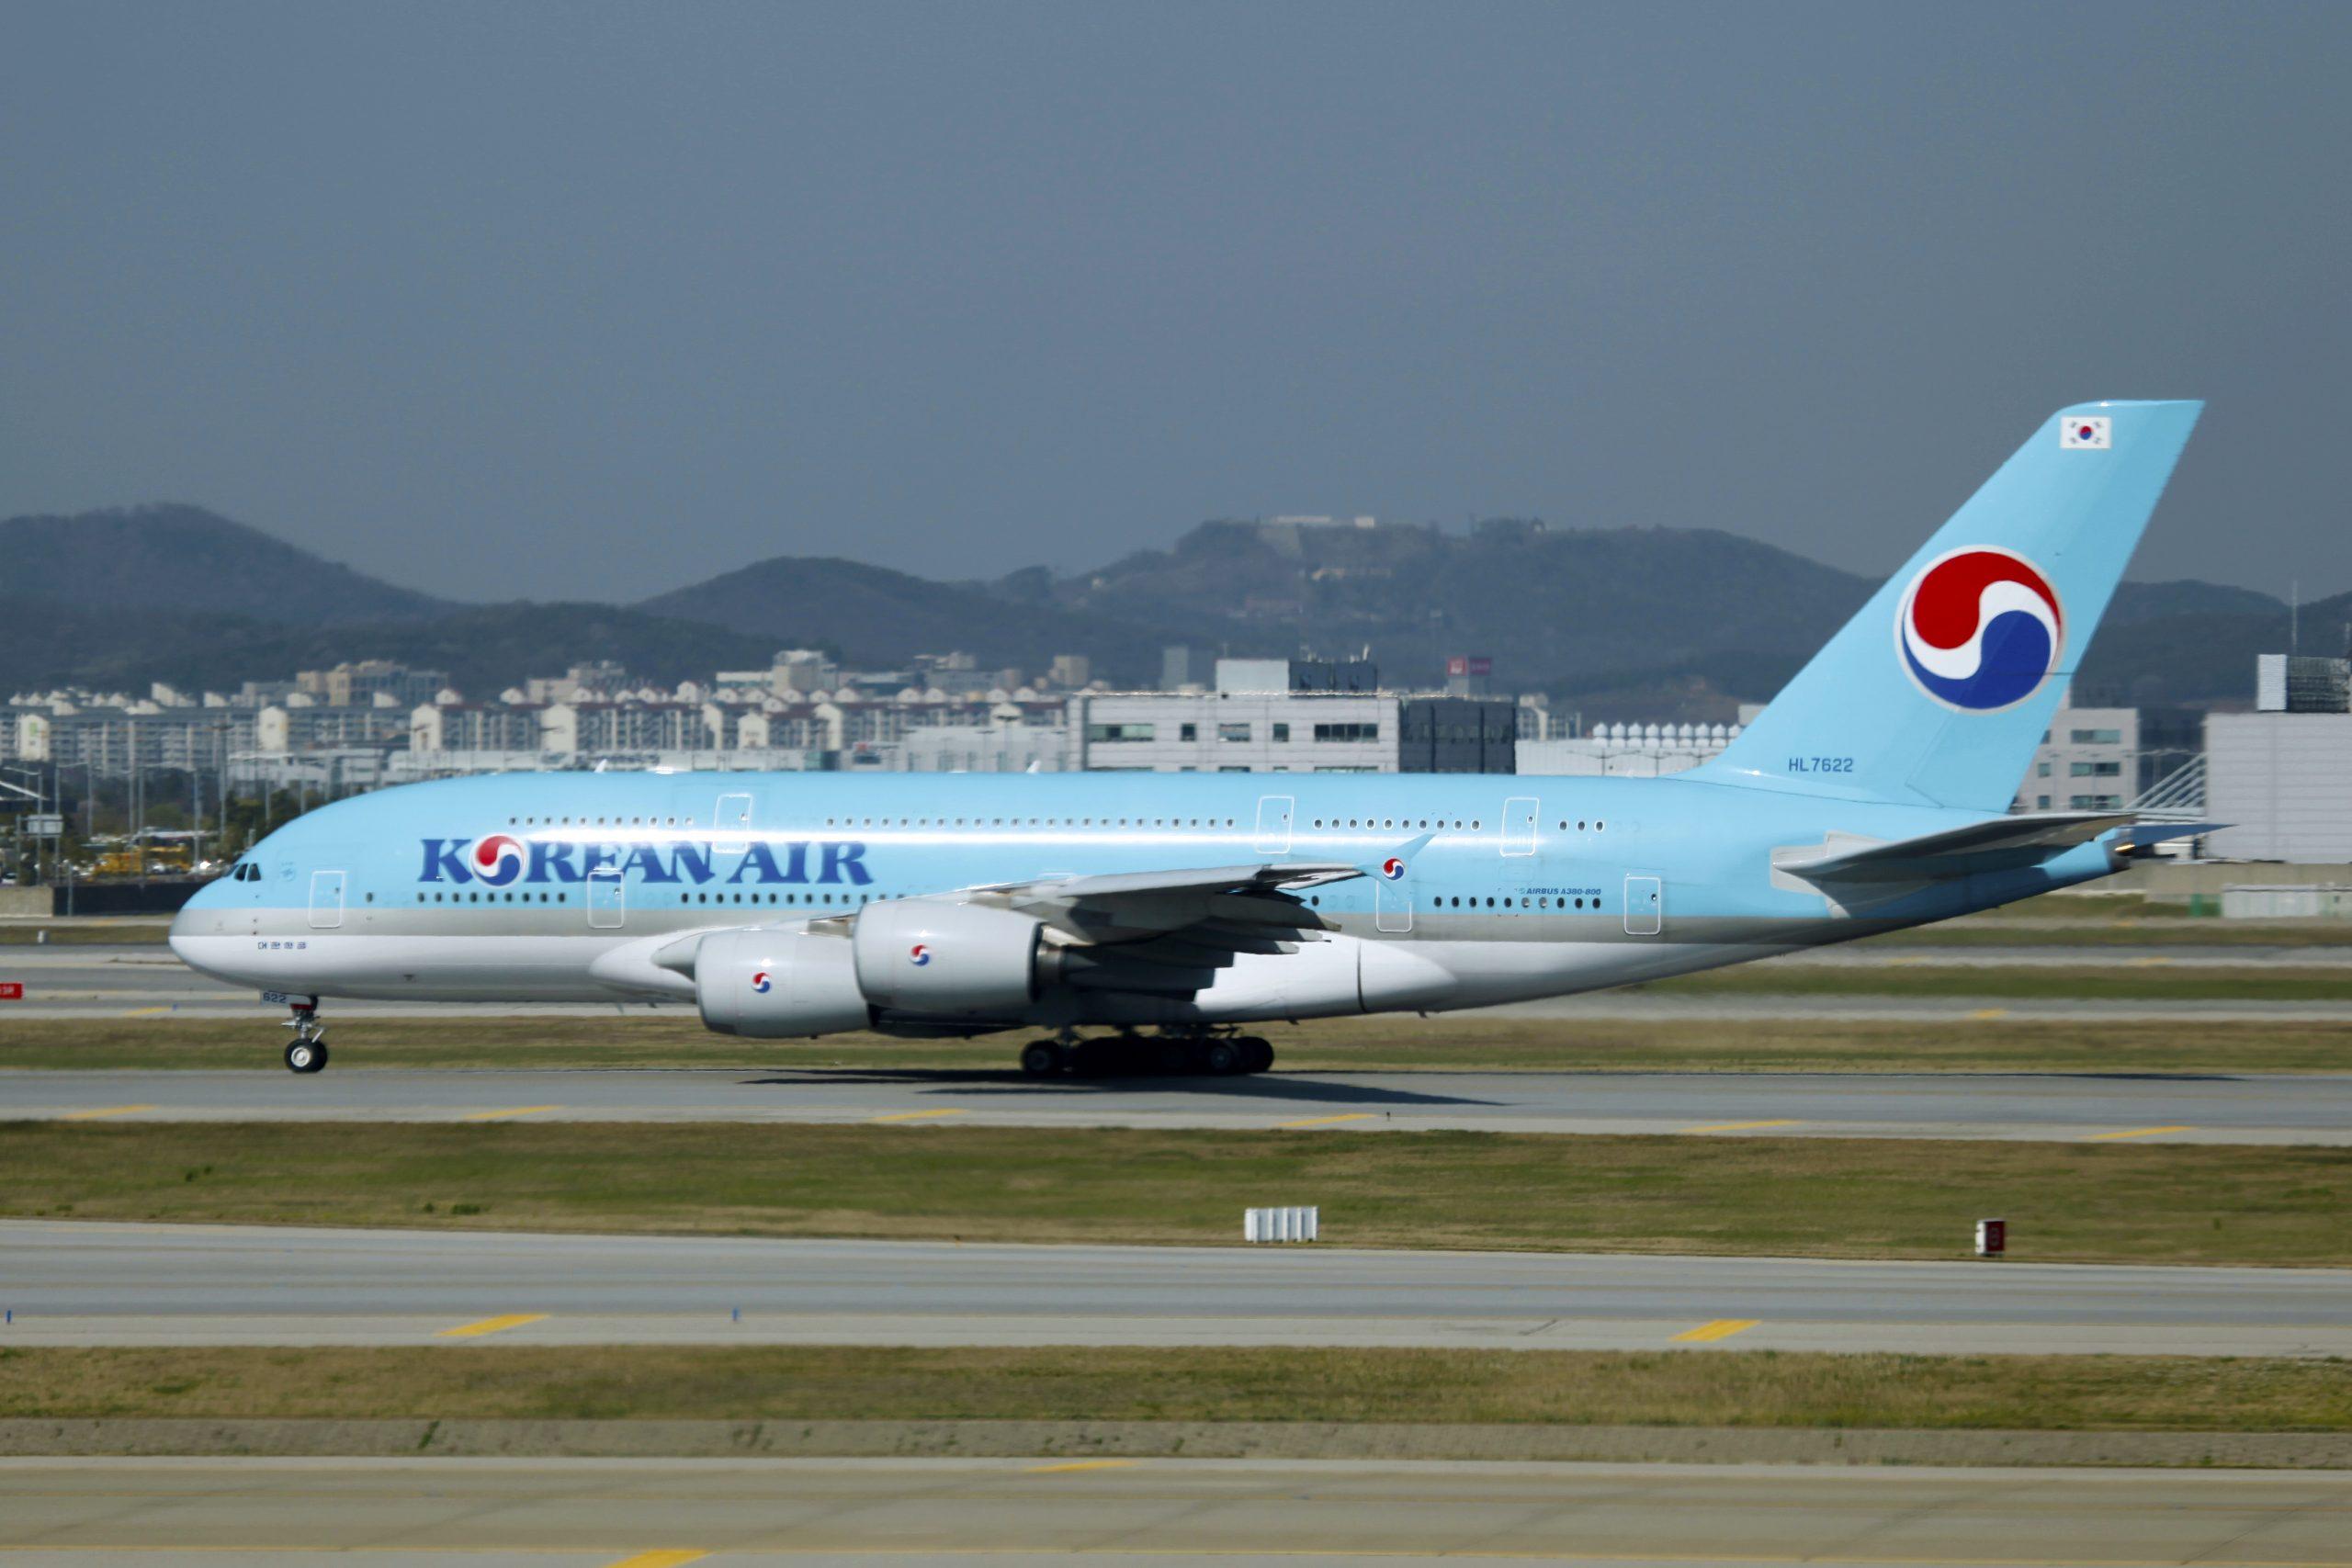 Airbus A380-800 fra Korean Air. (Foto: byeangel | CC 2.0)